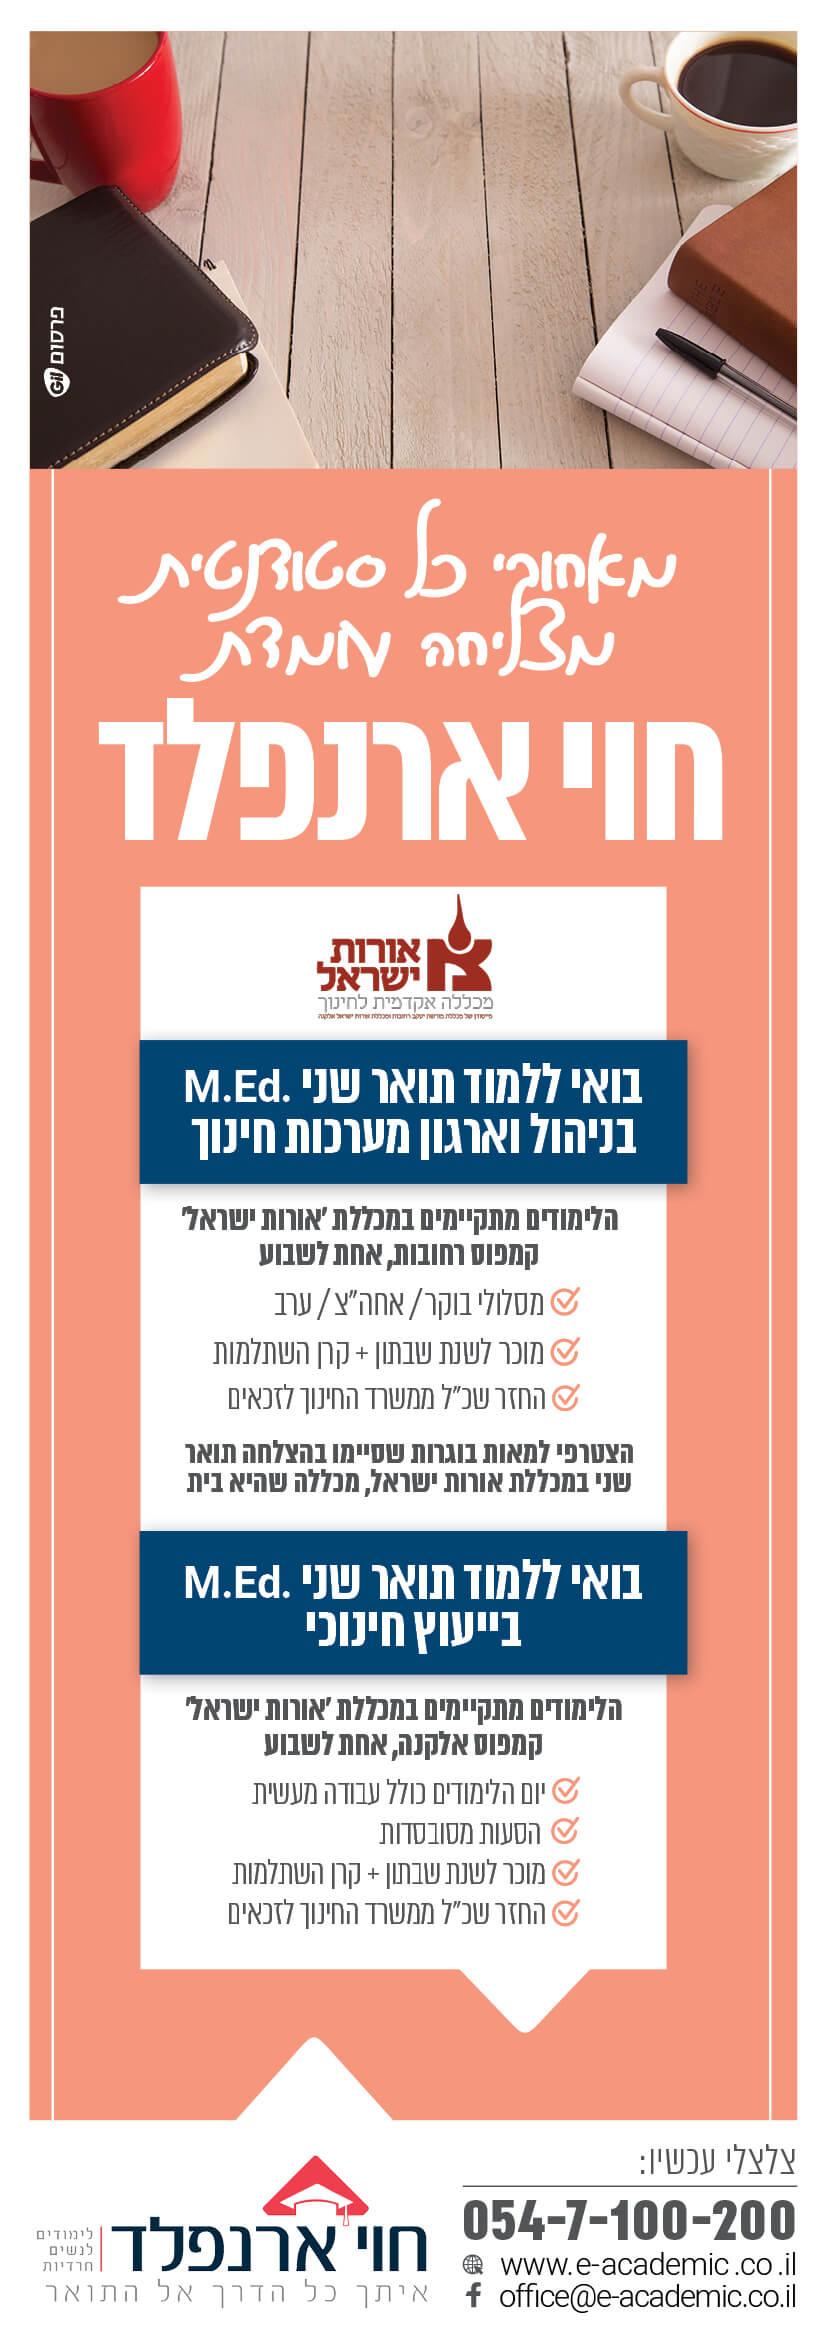 גיל פרסום בקמפיין ראשון למותג חוי ארנפלד אקדמיק 6